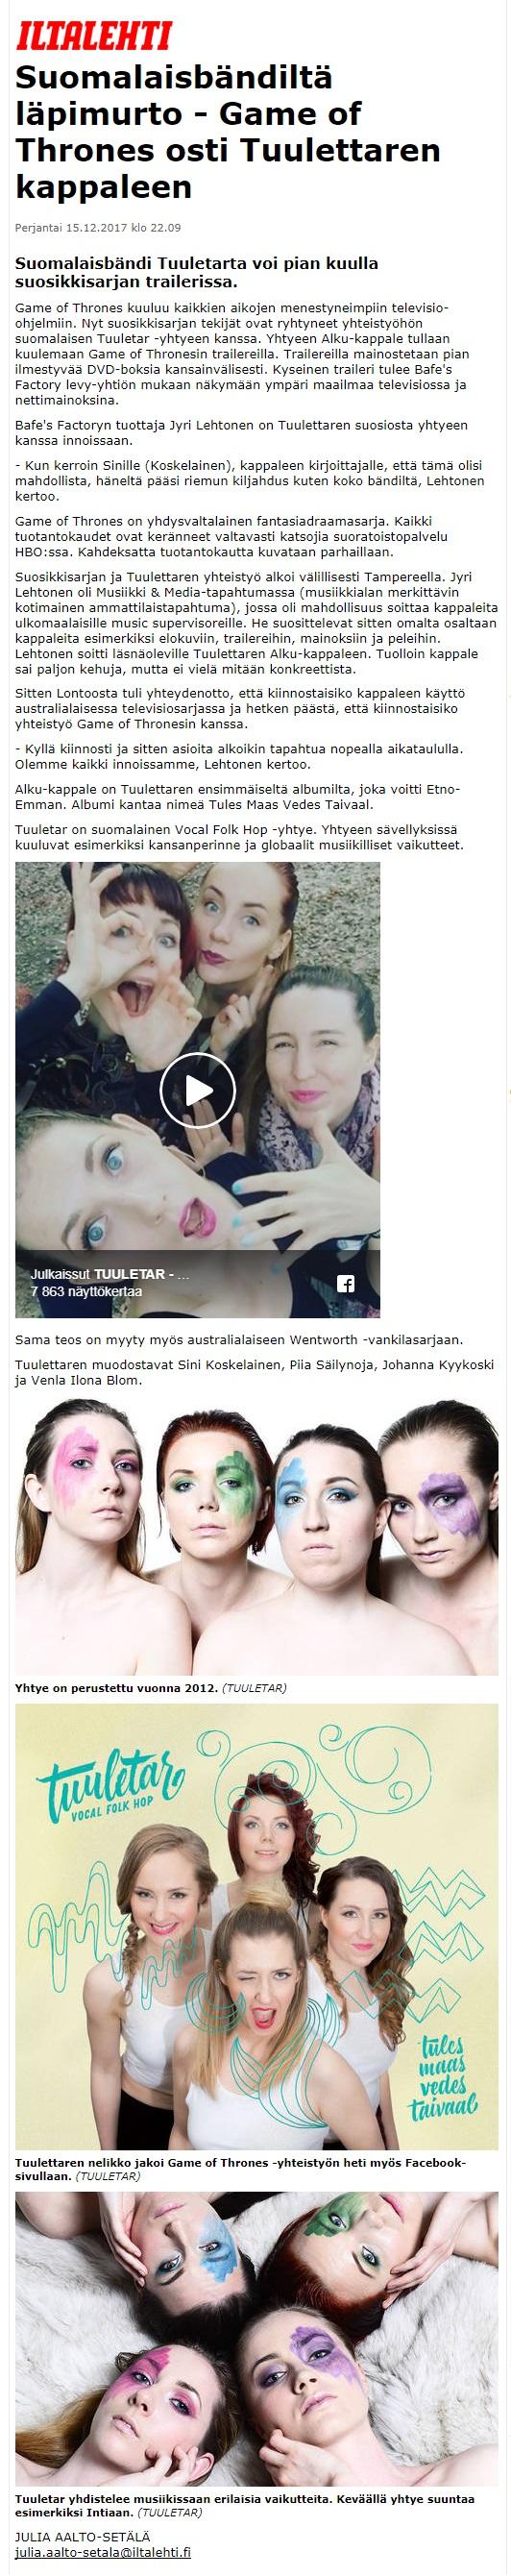 Iltalehti, 15.12.2017